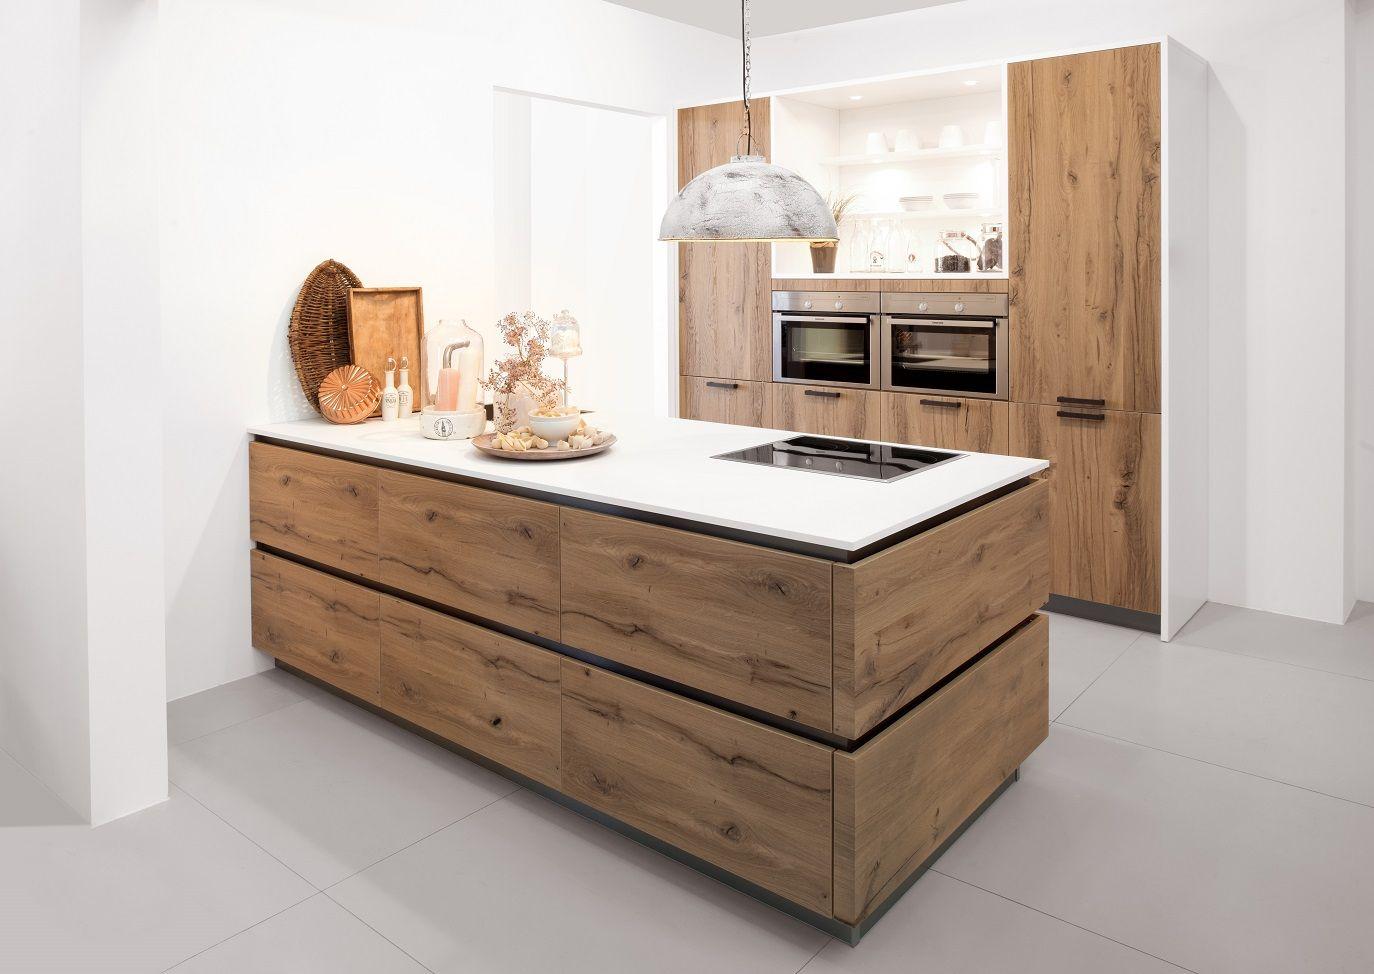 Keuken Schiereiland Met : Moderne witte keuken met schiereiland ok keukens